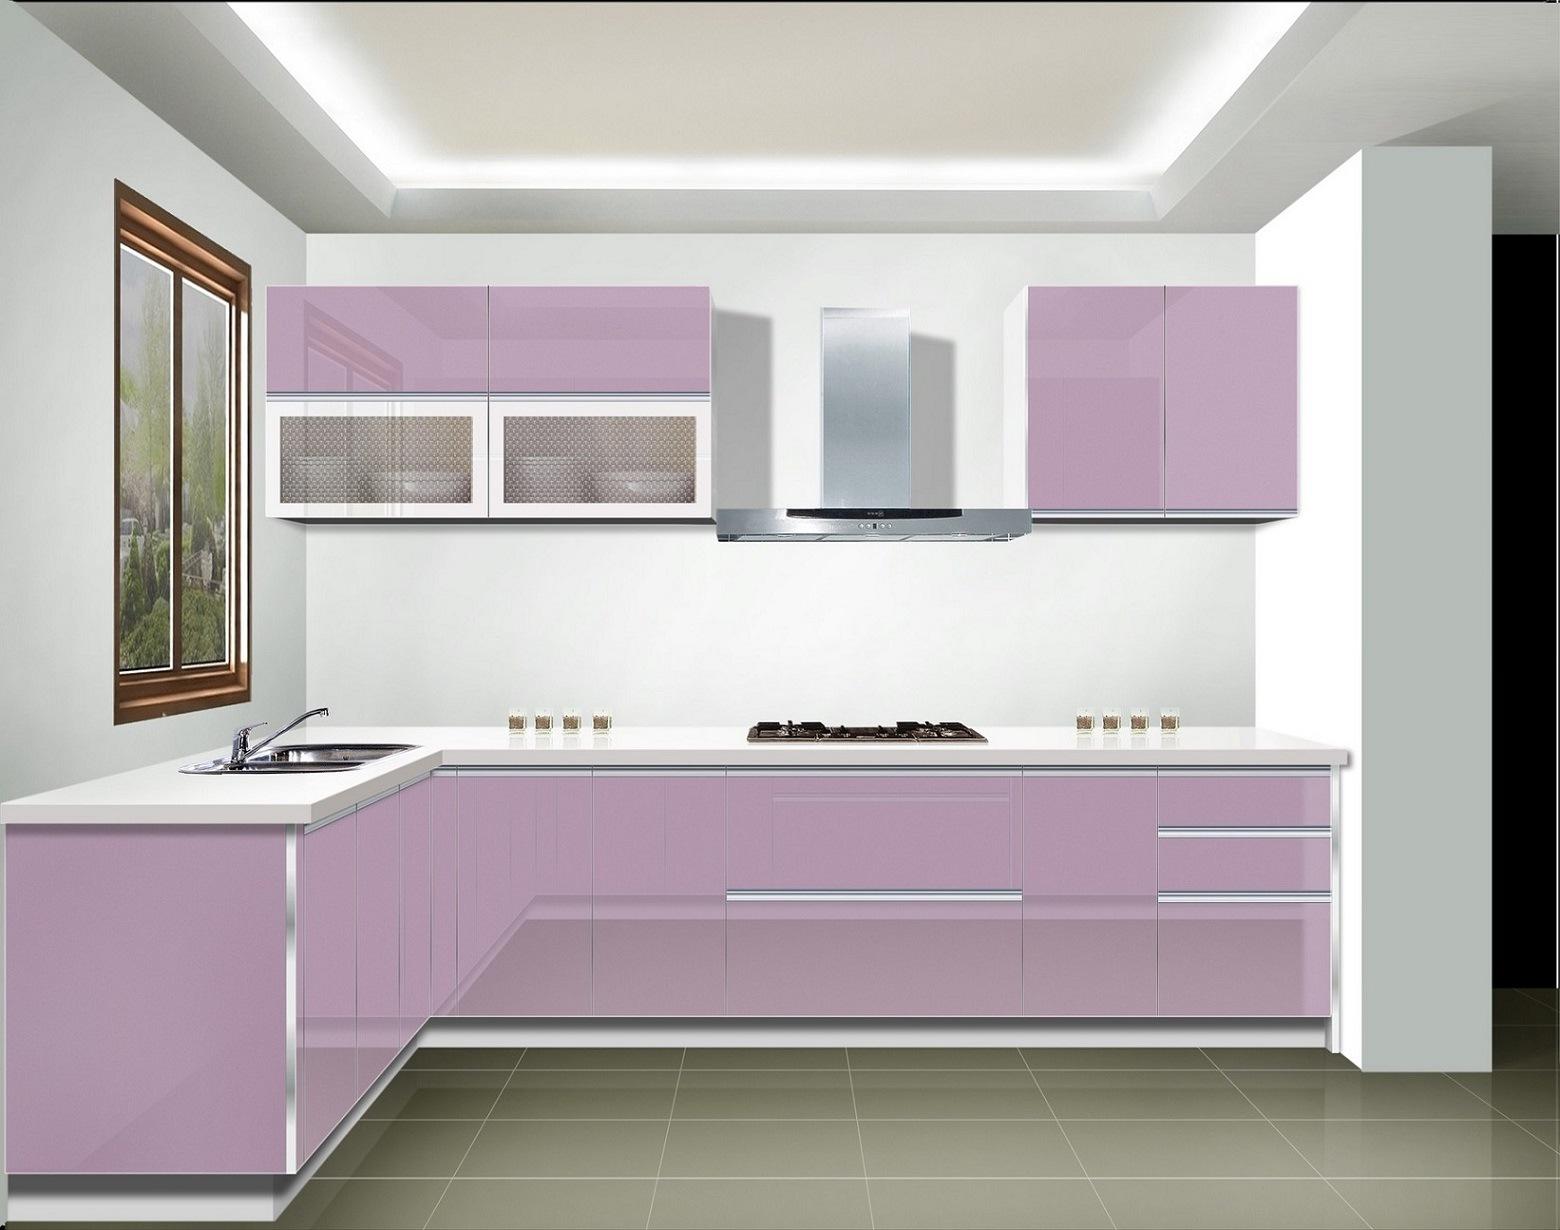 Diseño moderno, Muebles de Cocina Cocina Cabient – Diseño moderno ...